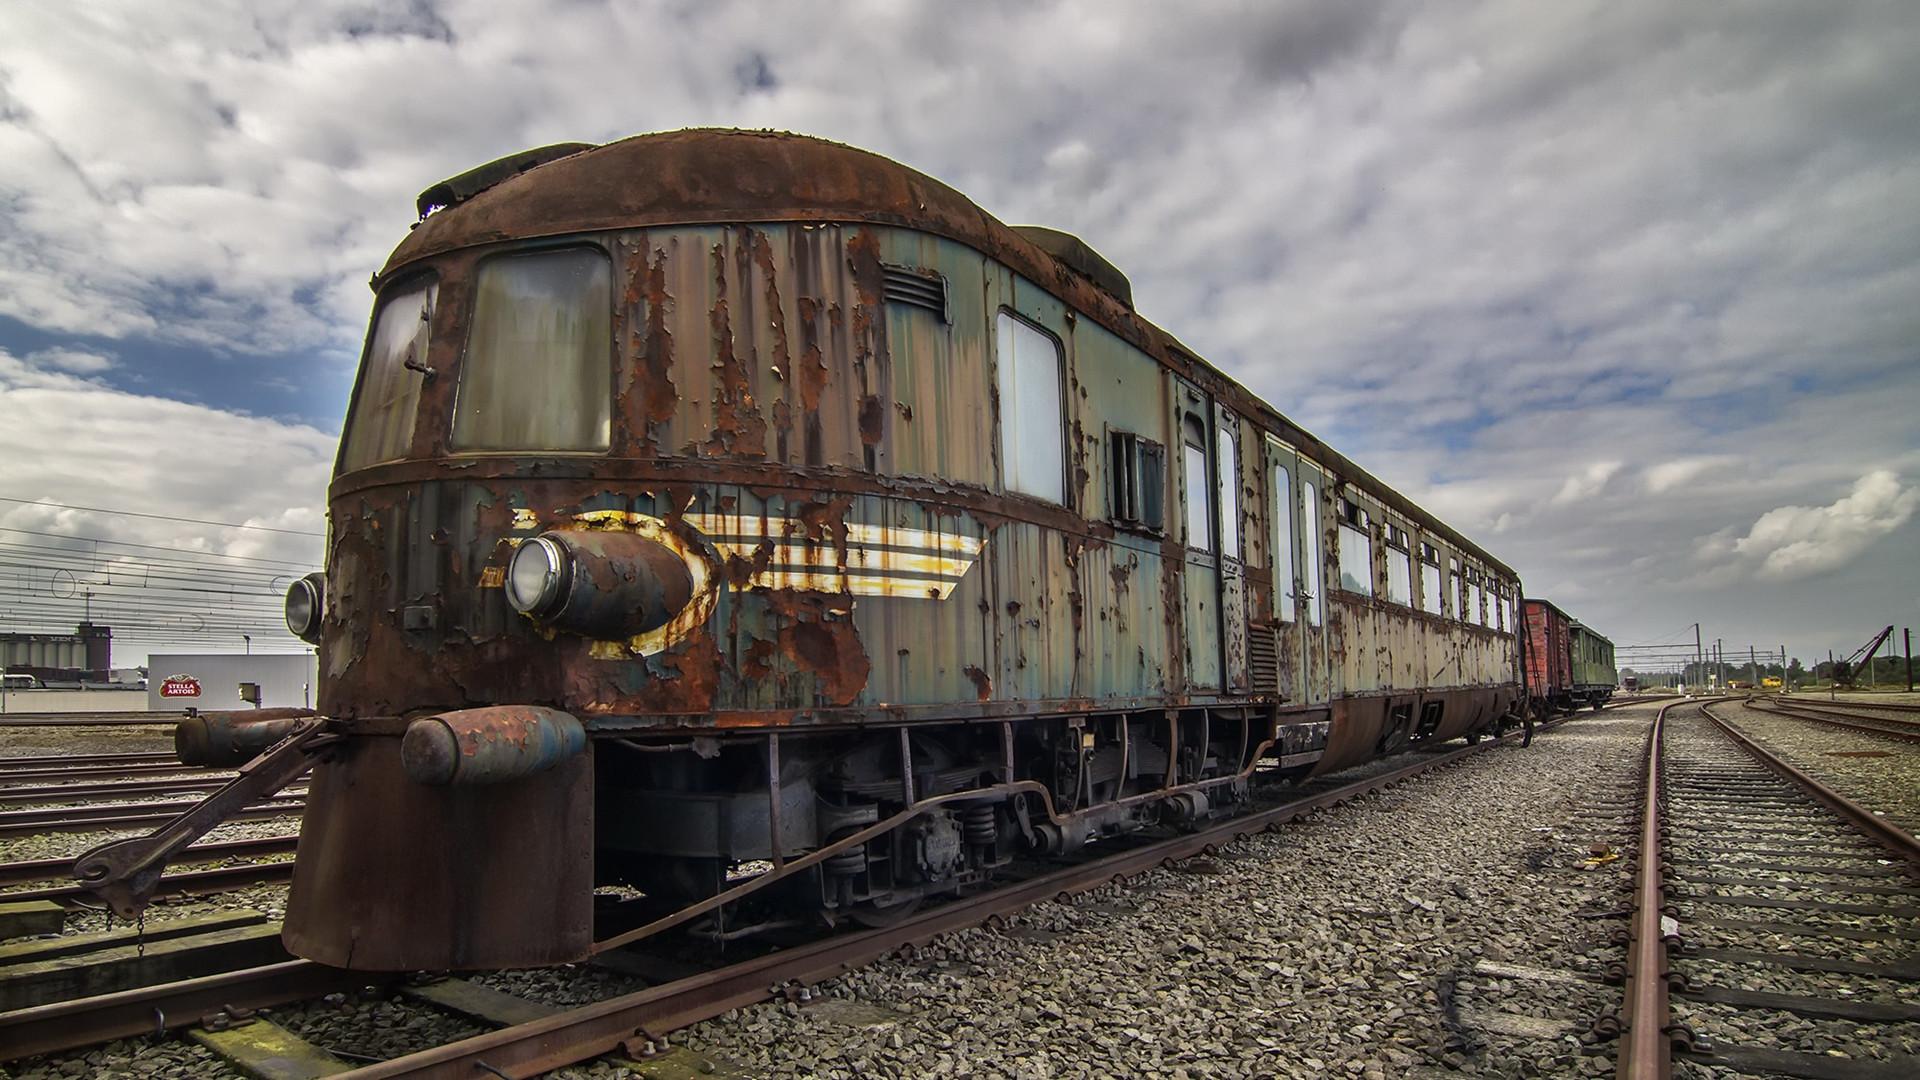 炫酷时尚,废旧火车,铁路,铁轨